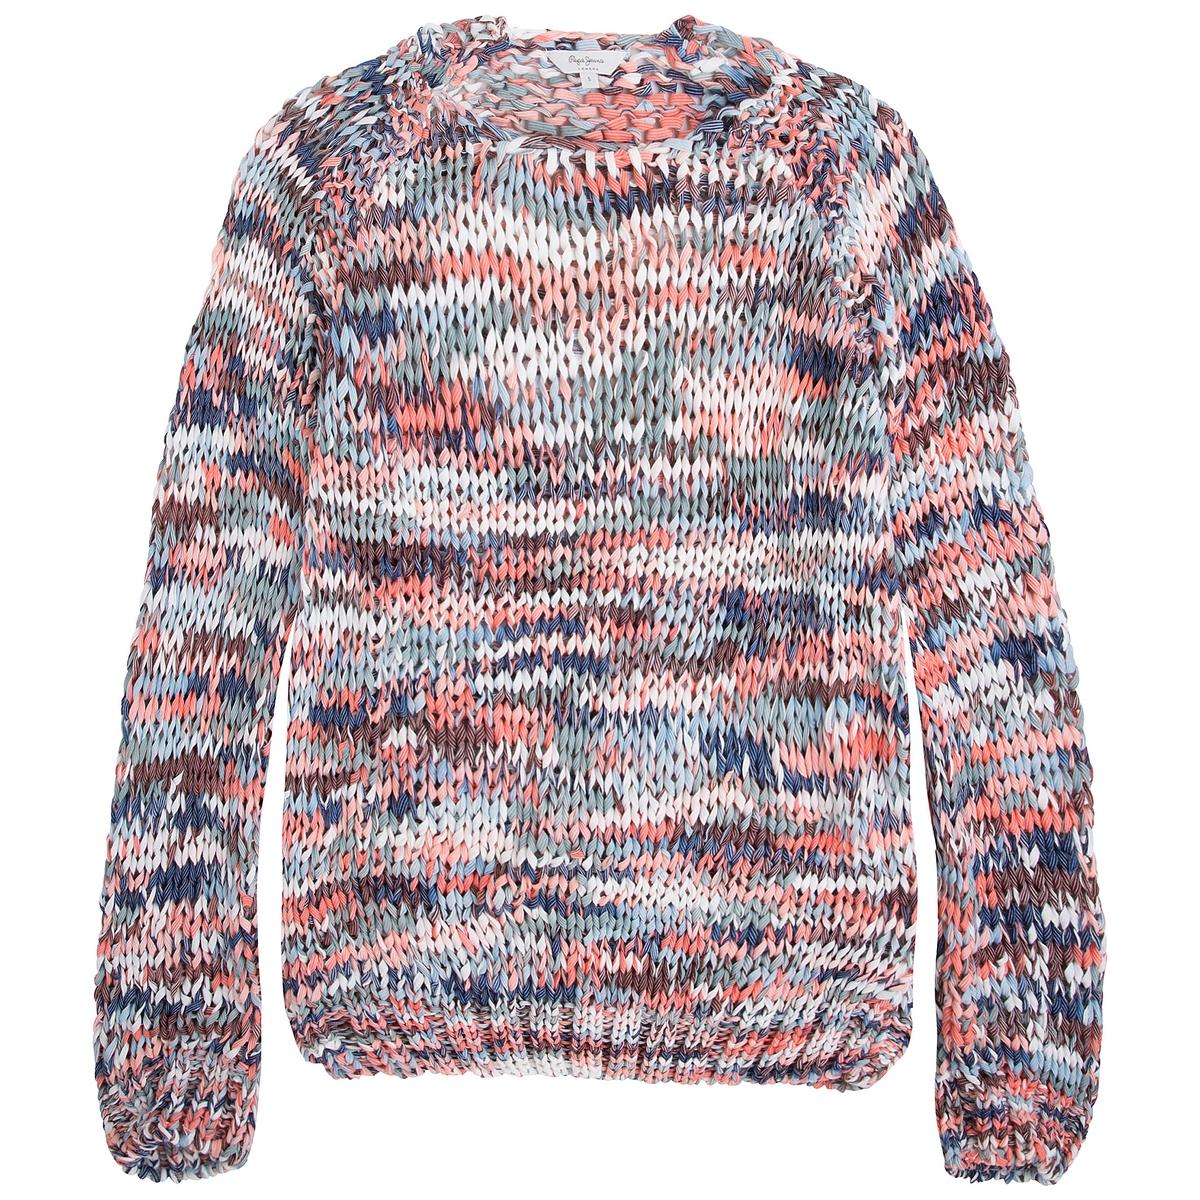 Пуловер классическийДетали •  Длинные рукава  •  Круглый вырез •  Плотный трикотаж  •  Этнический рисунок Состав и уход •  50% вискозы, 50% полиамида •  Следуйте советам по уходу, указанным на этикетке<br><br>Цвет: разноцветный<br>Размер: L.S